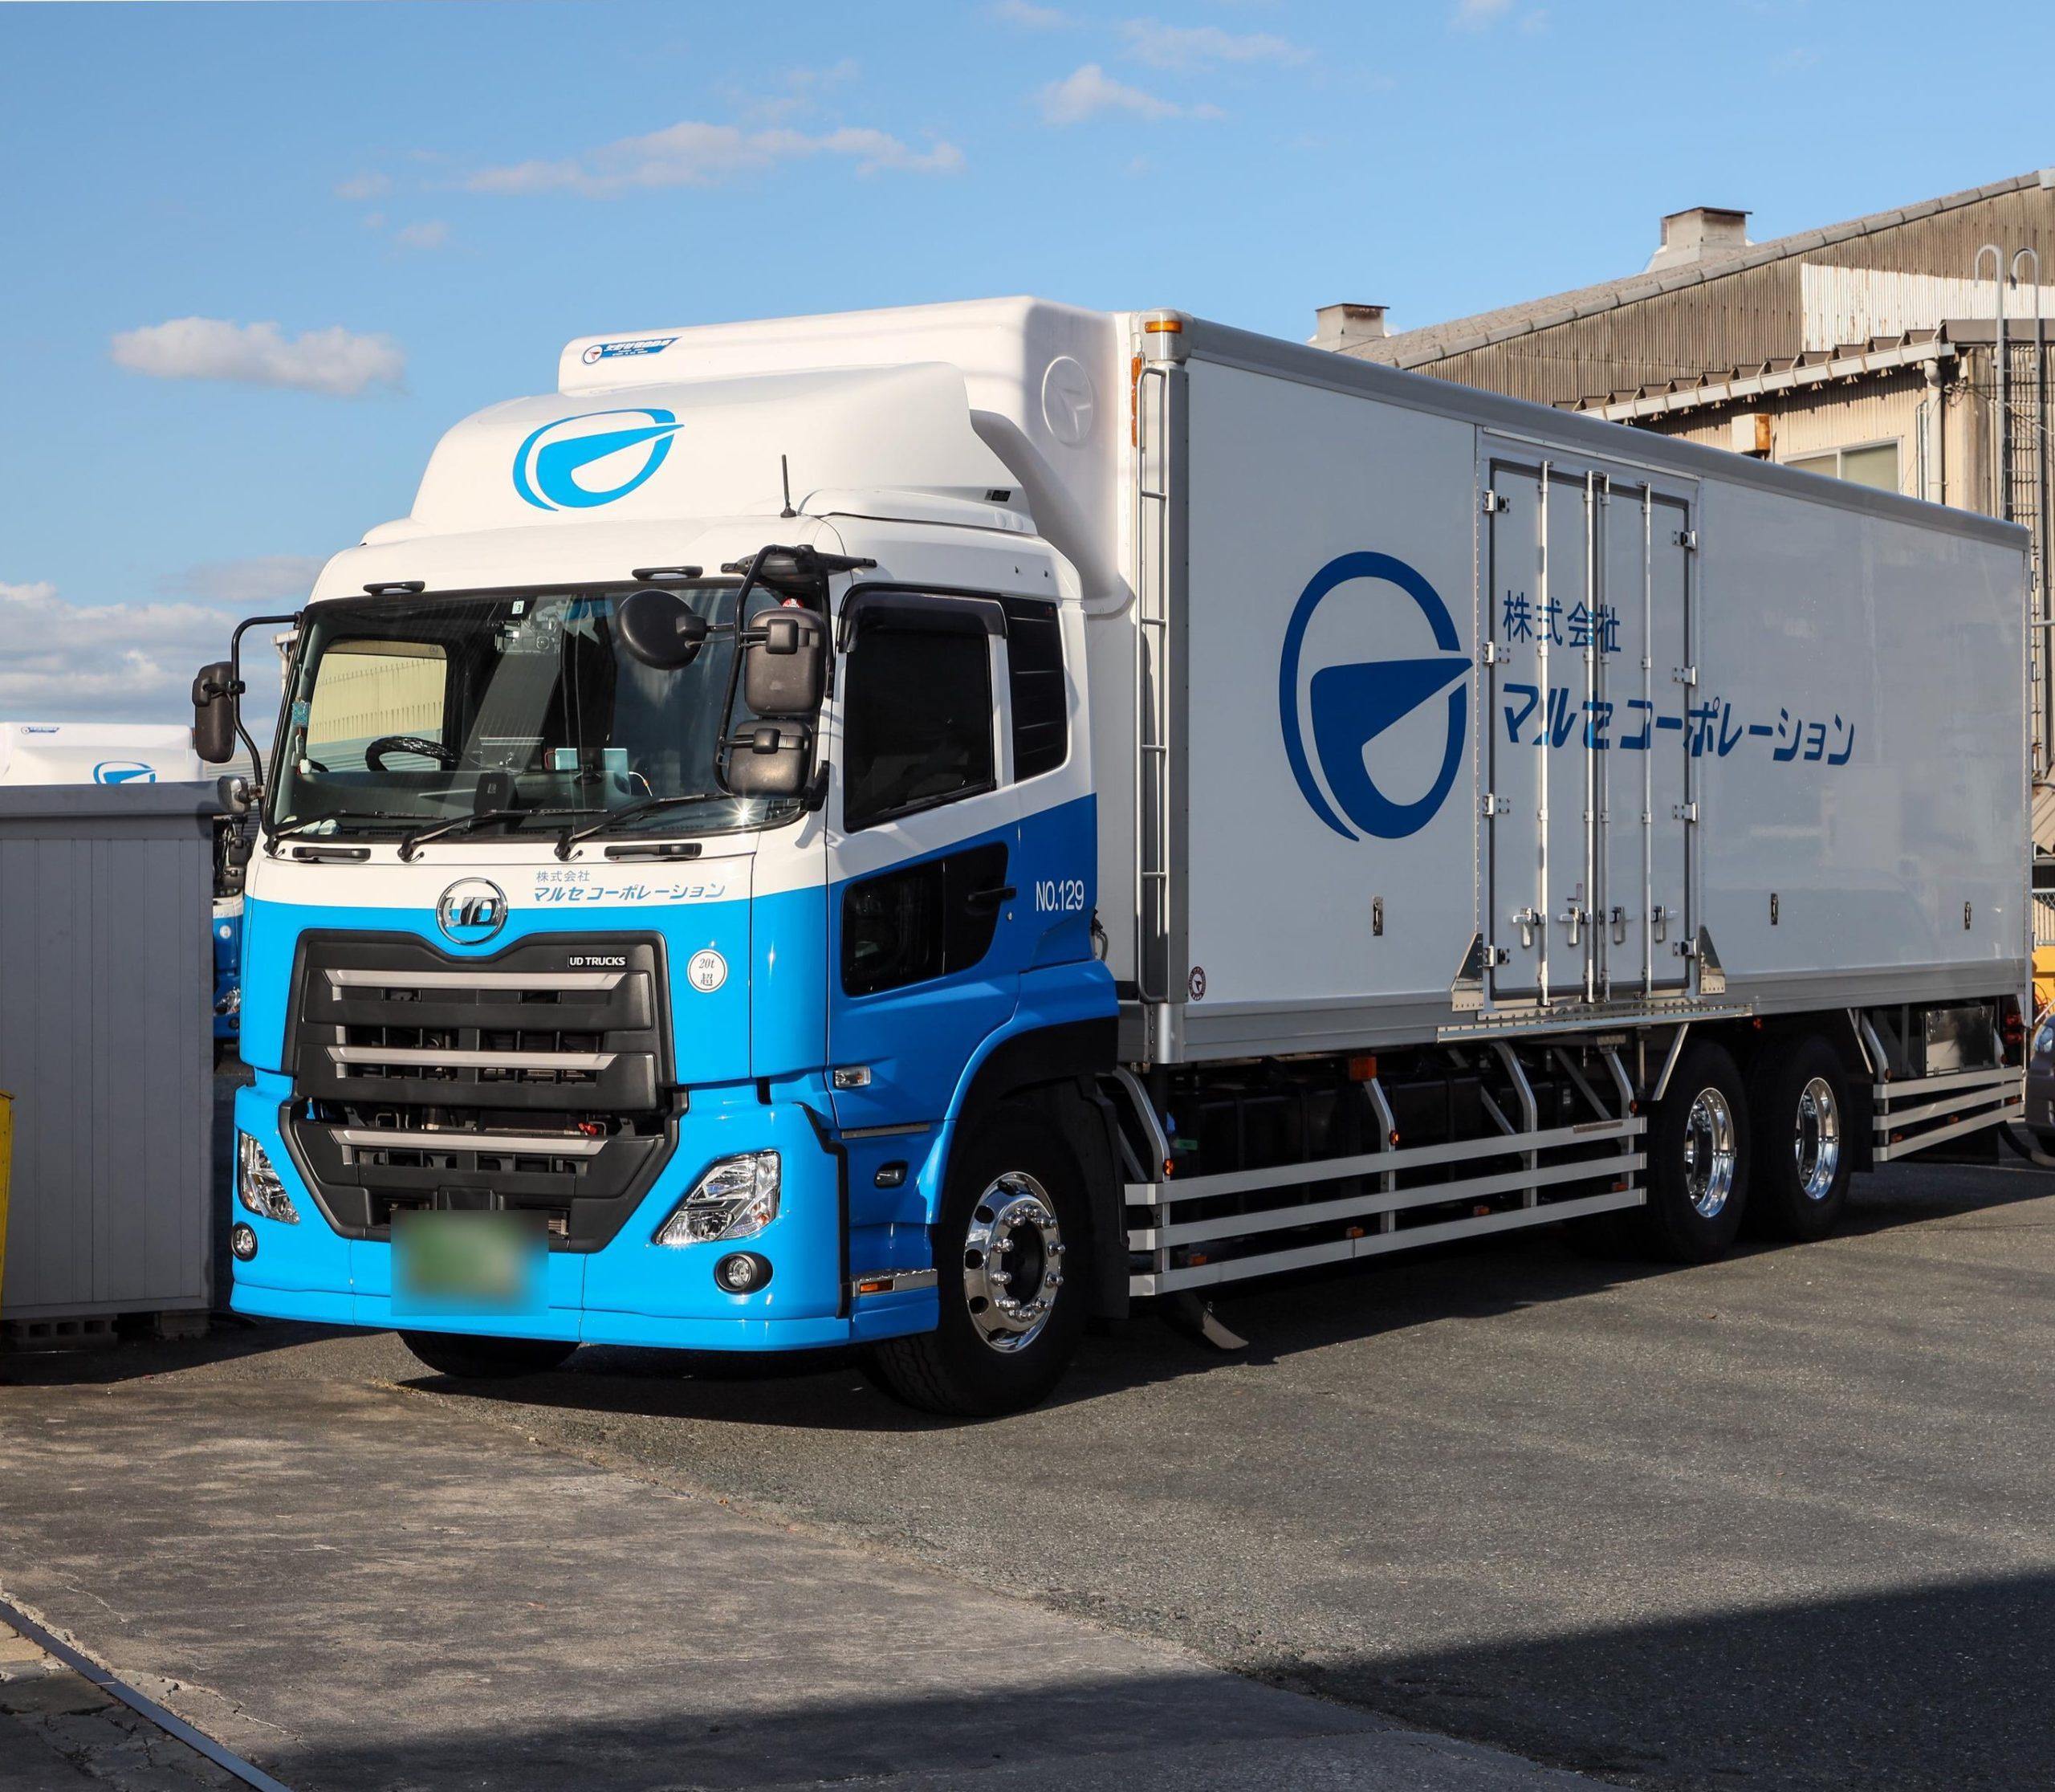 安全な運行と良質な配送サービスをご提供しています!